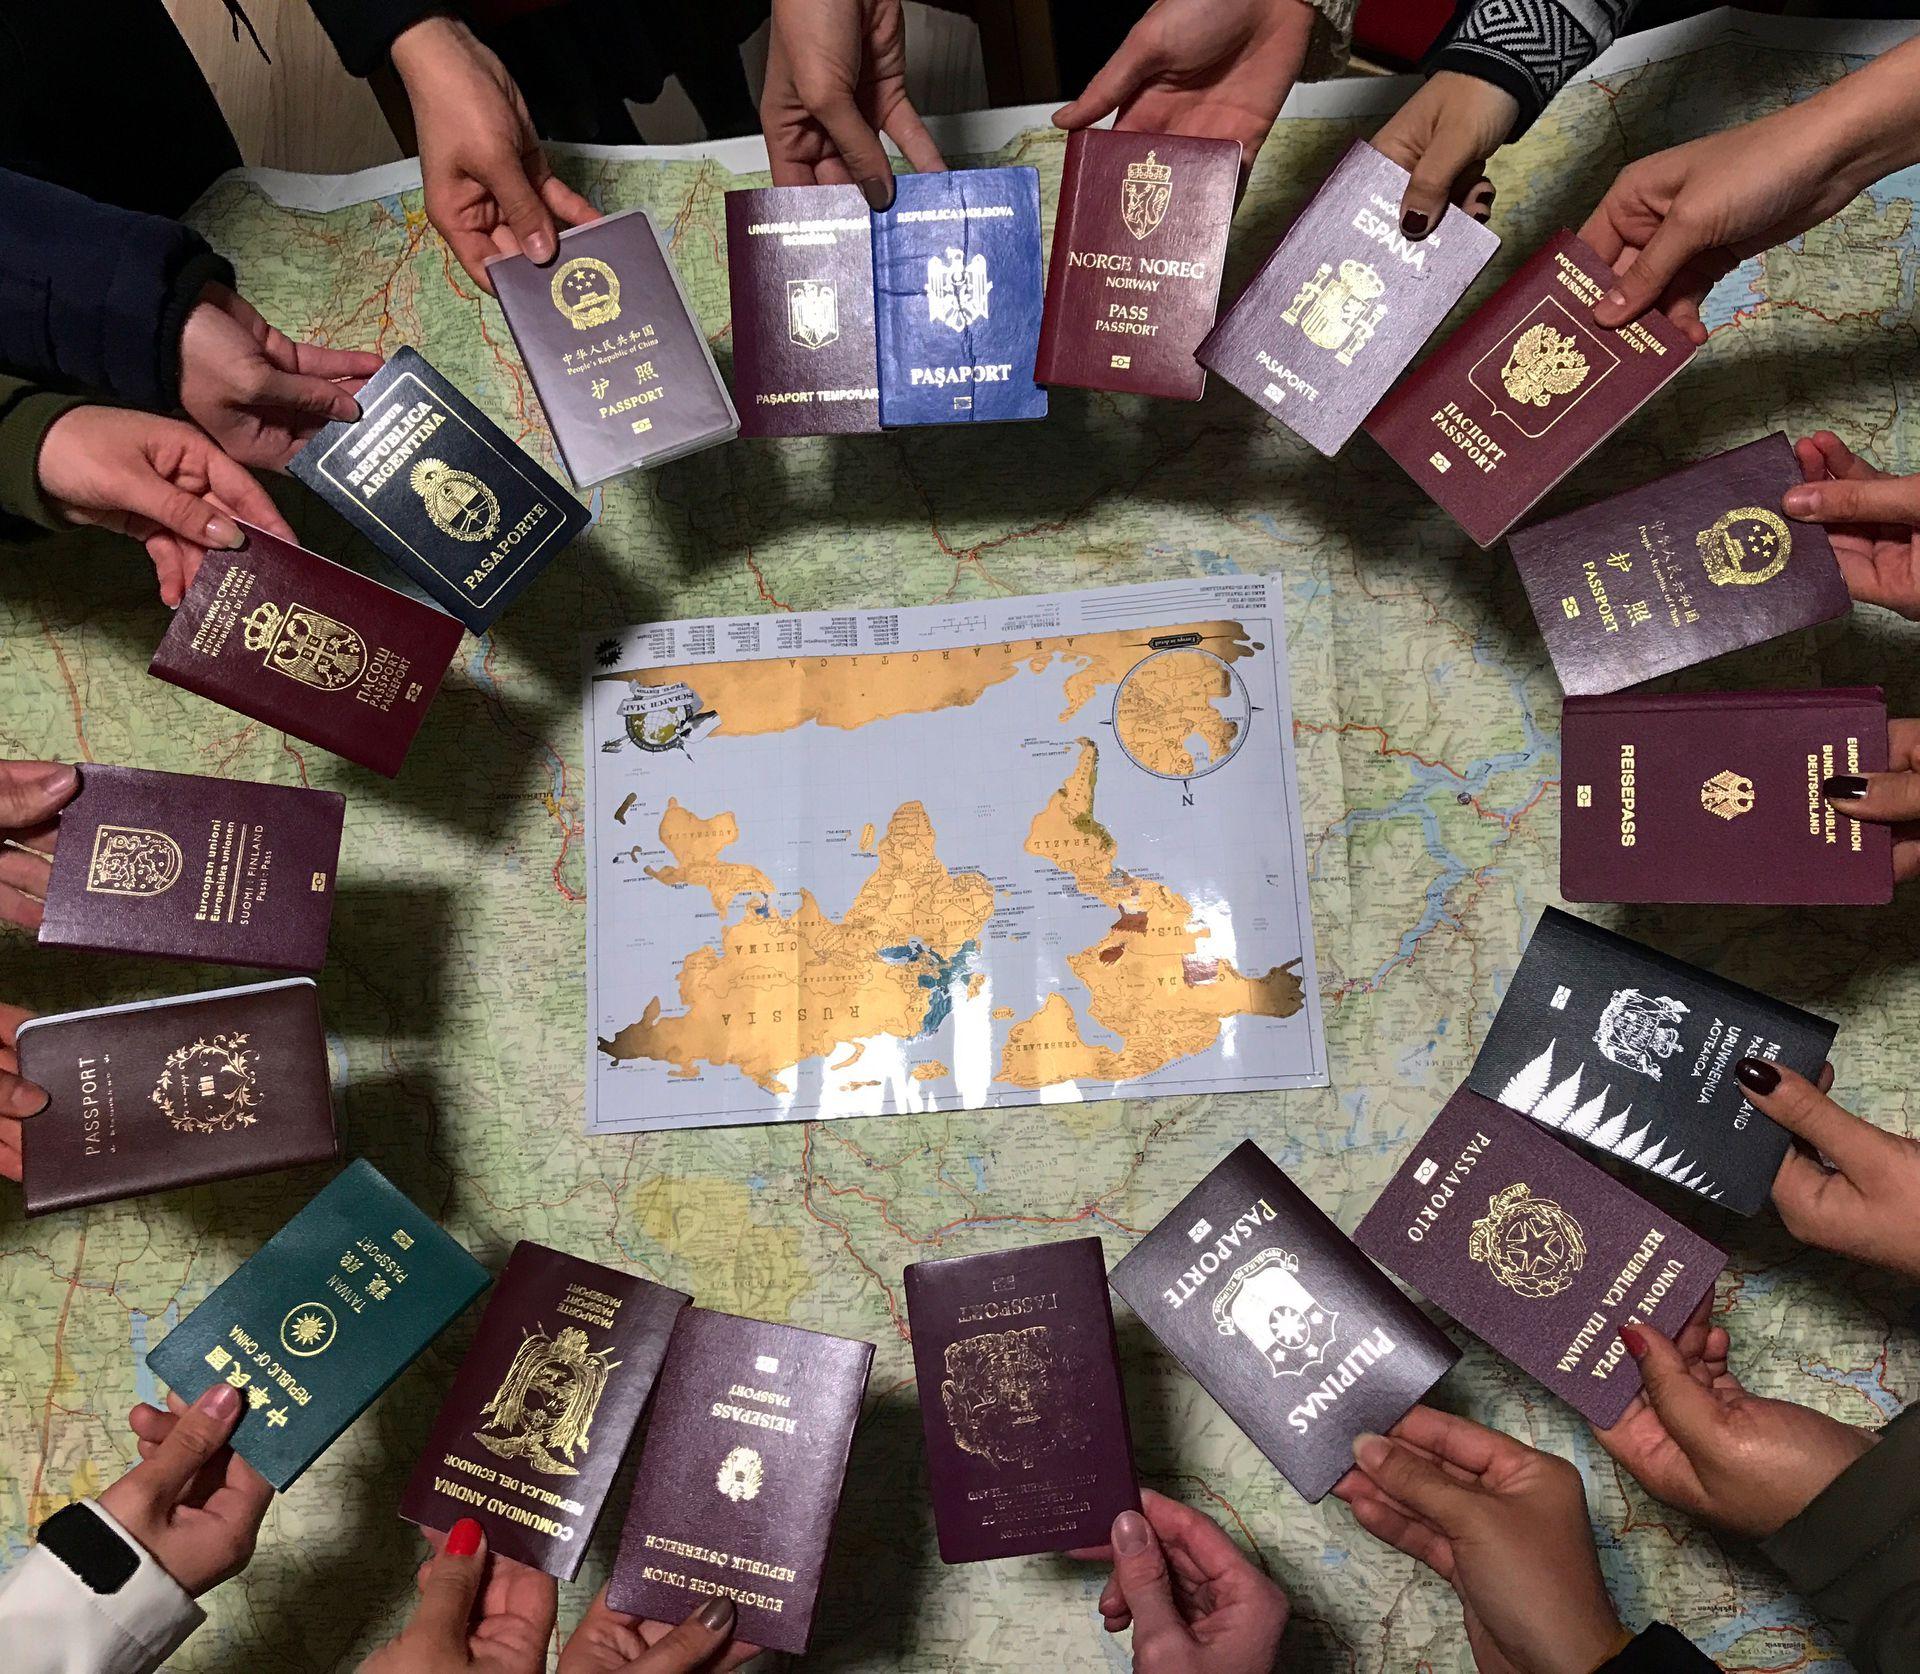 Los pasaportes de los compañeros con los que compartió cursada y formación.